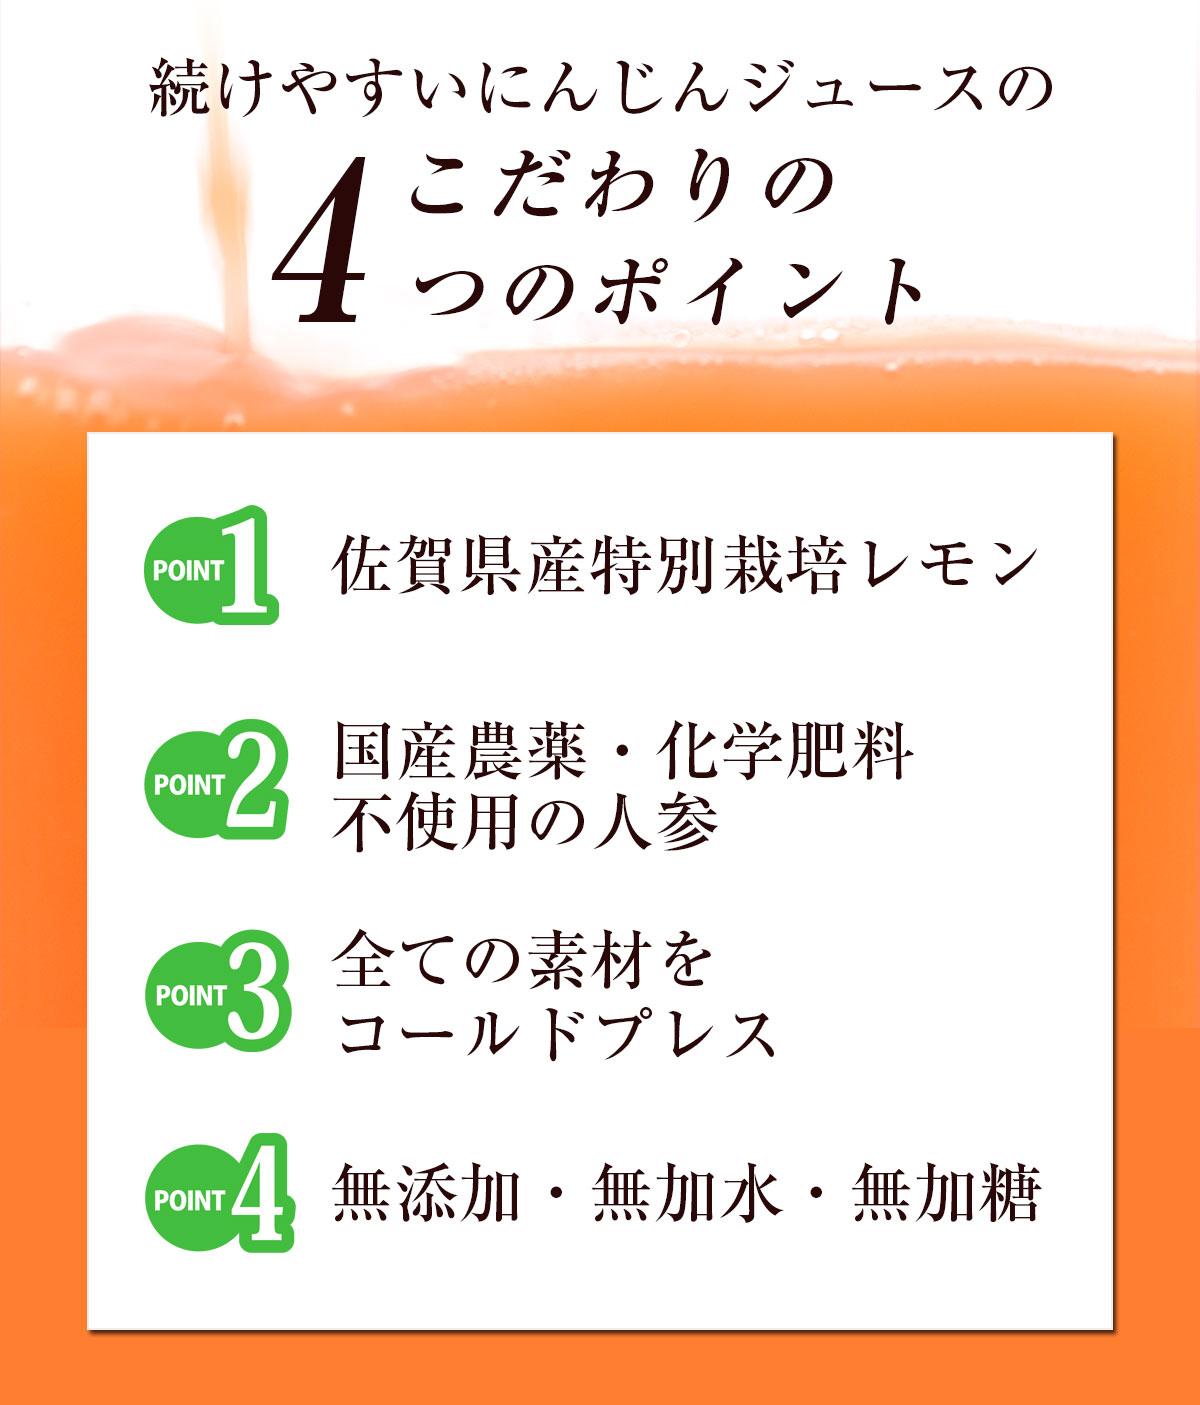 にんじんレモン冷凍ジュース 4箱 【100c×120p】【冷凍ジュース】【無農薬人参】【レモン】